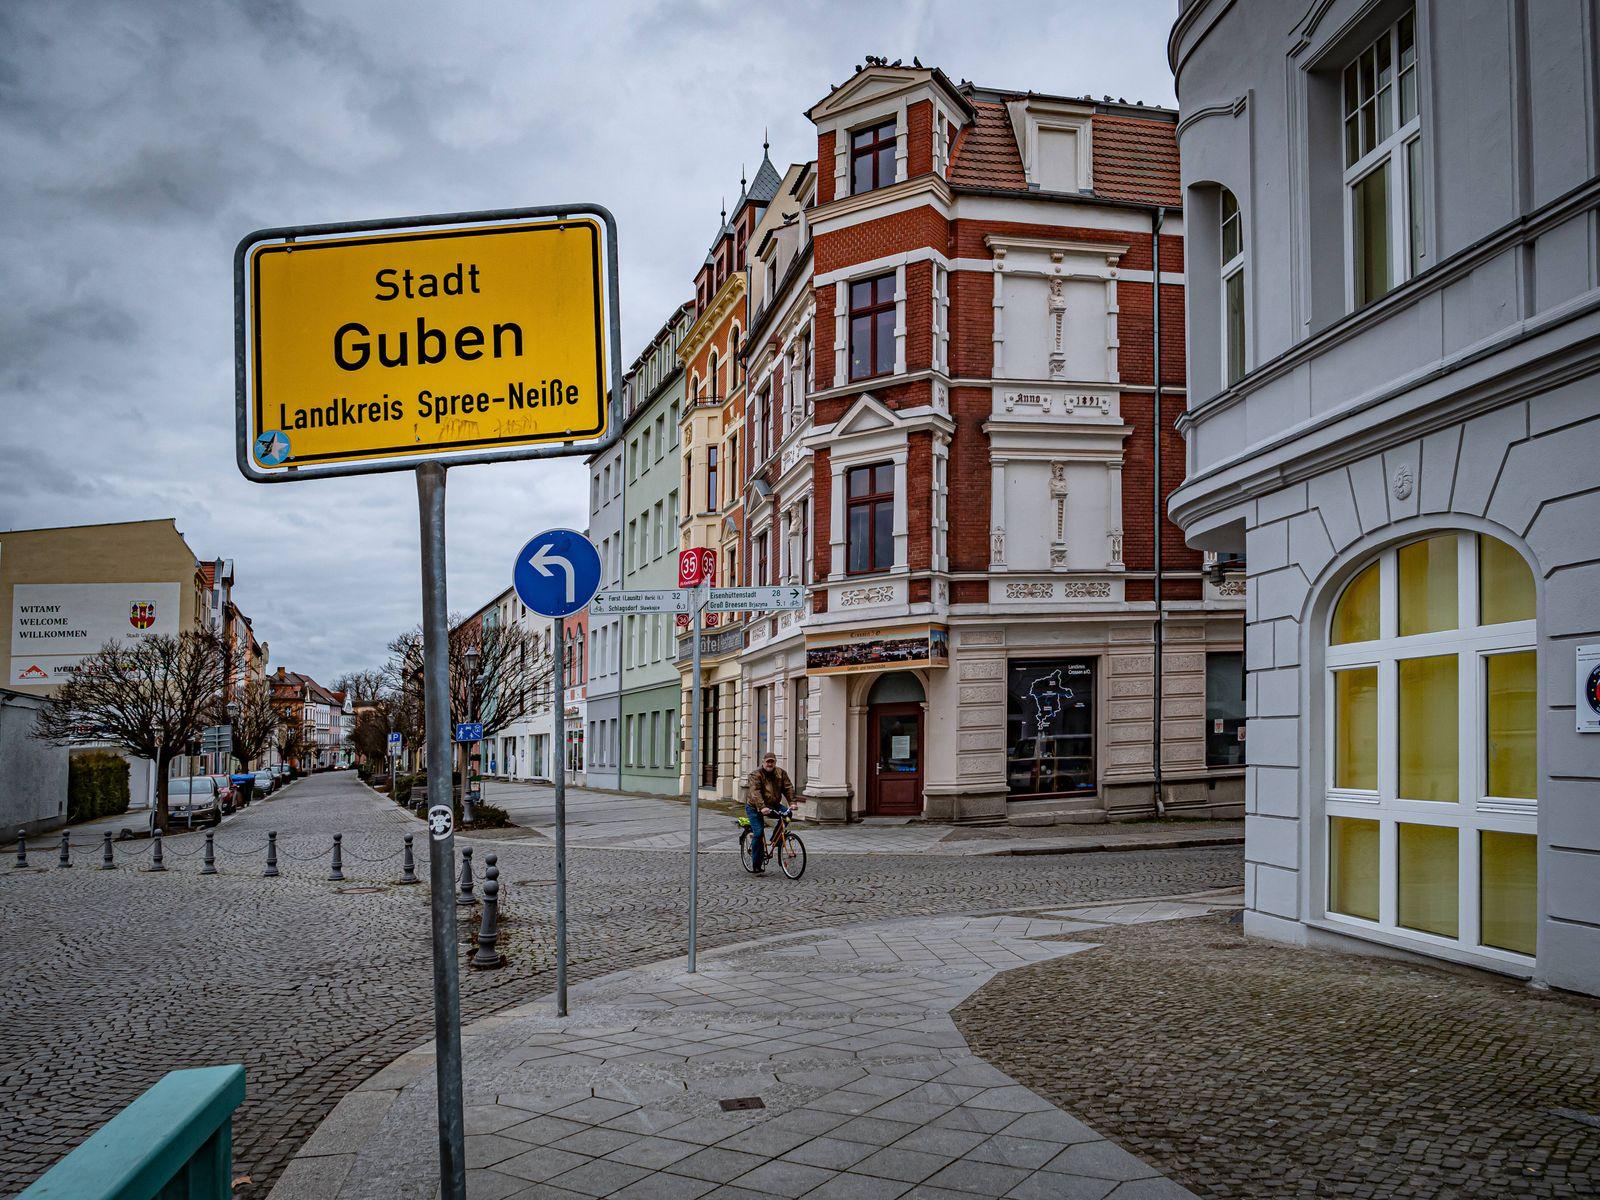 Guben im Bundesland Brandenburg; Grenzübergang nach Polen zu Gubin Guben *** Guben in the Federal State of Brandenburg